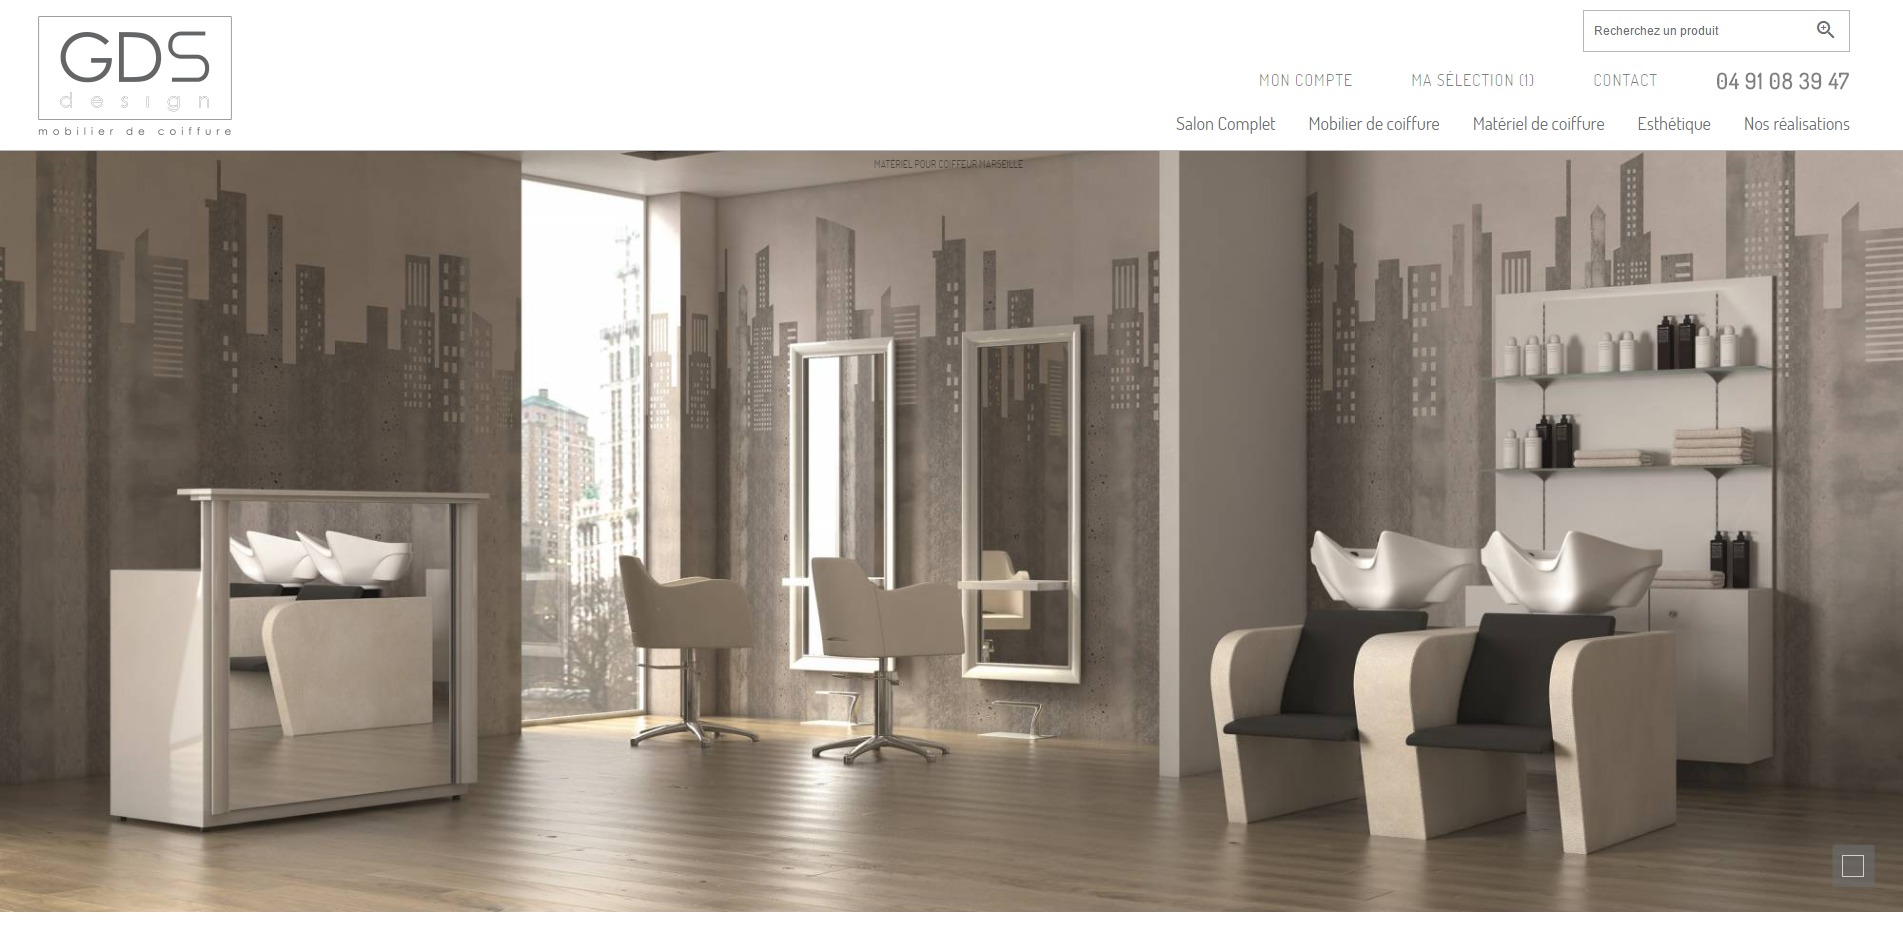 Site de vente en ligne de mat riel pour coiffeurs gds - Design vente en ligne ...